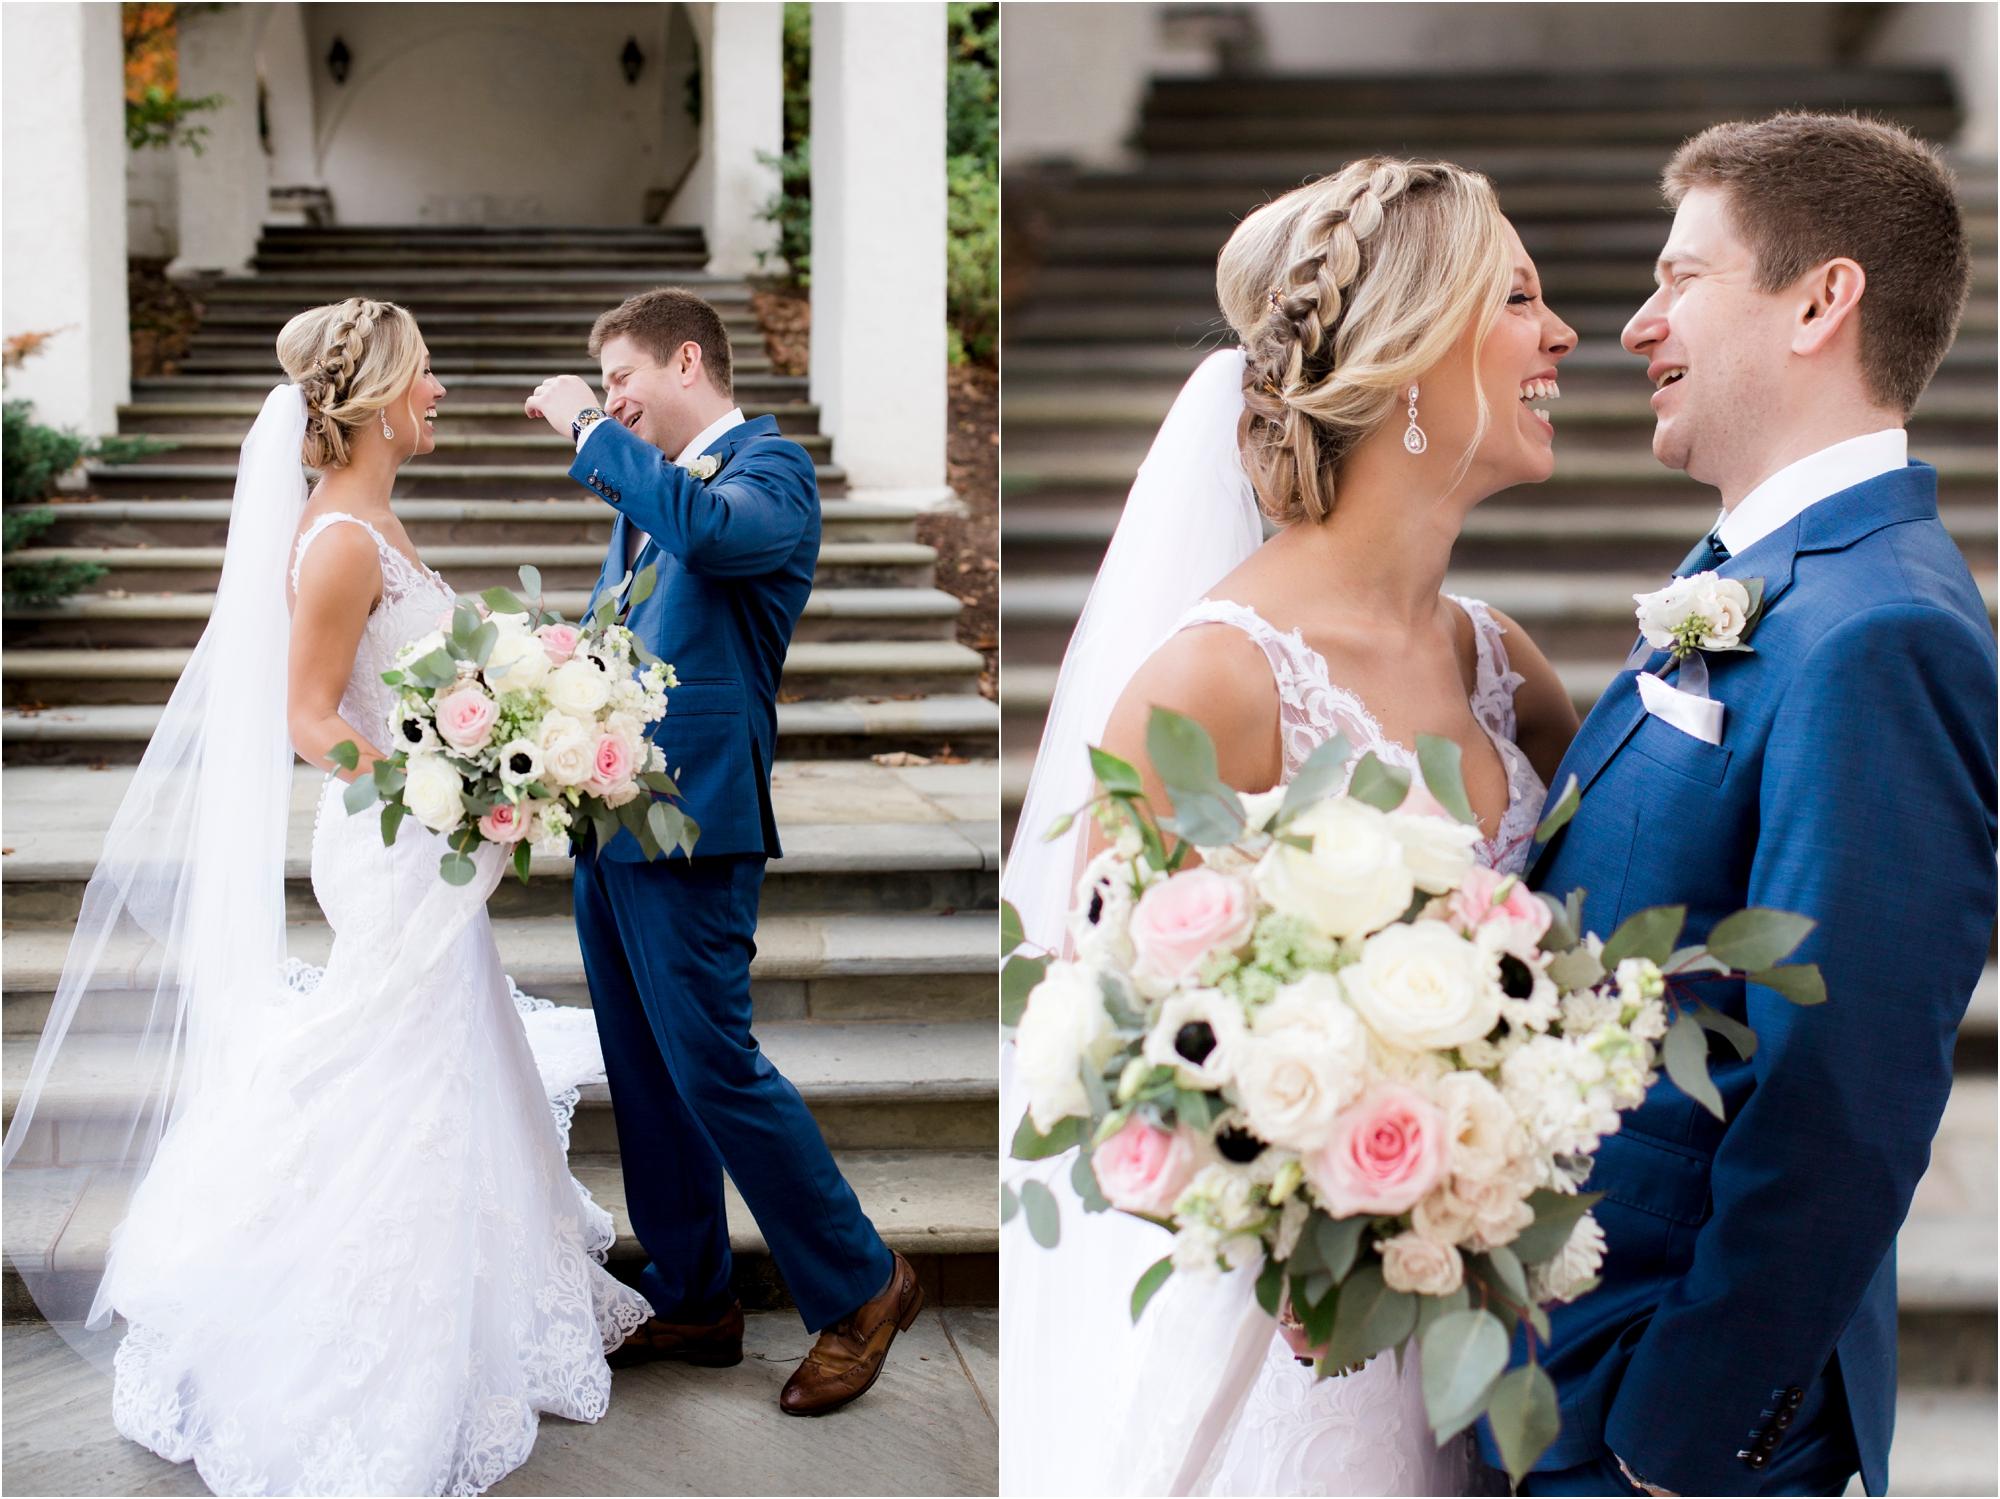 brooke-ilya-fall-virginia-omni-homestead-resort-wedding-photos_0018.jpg